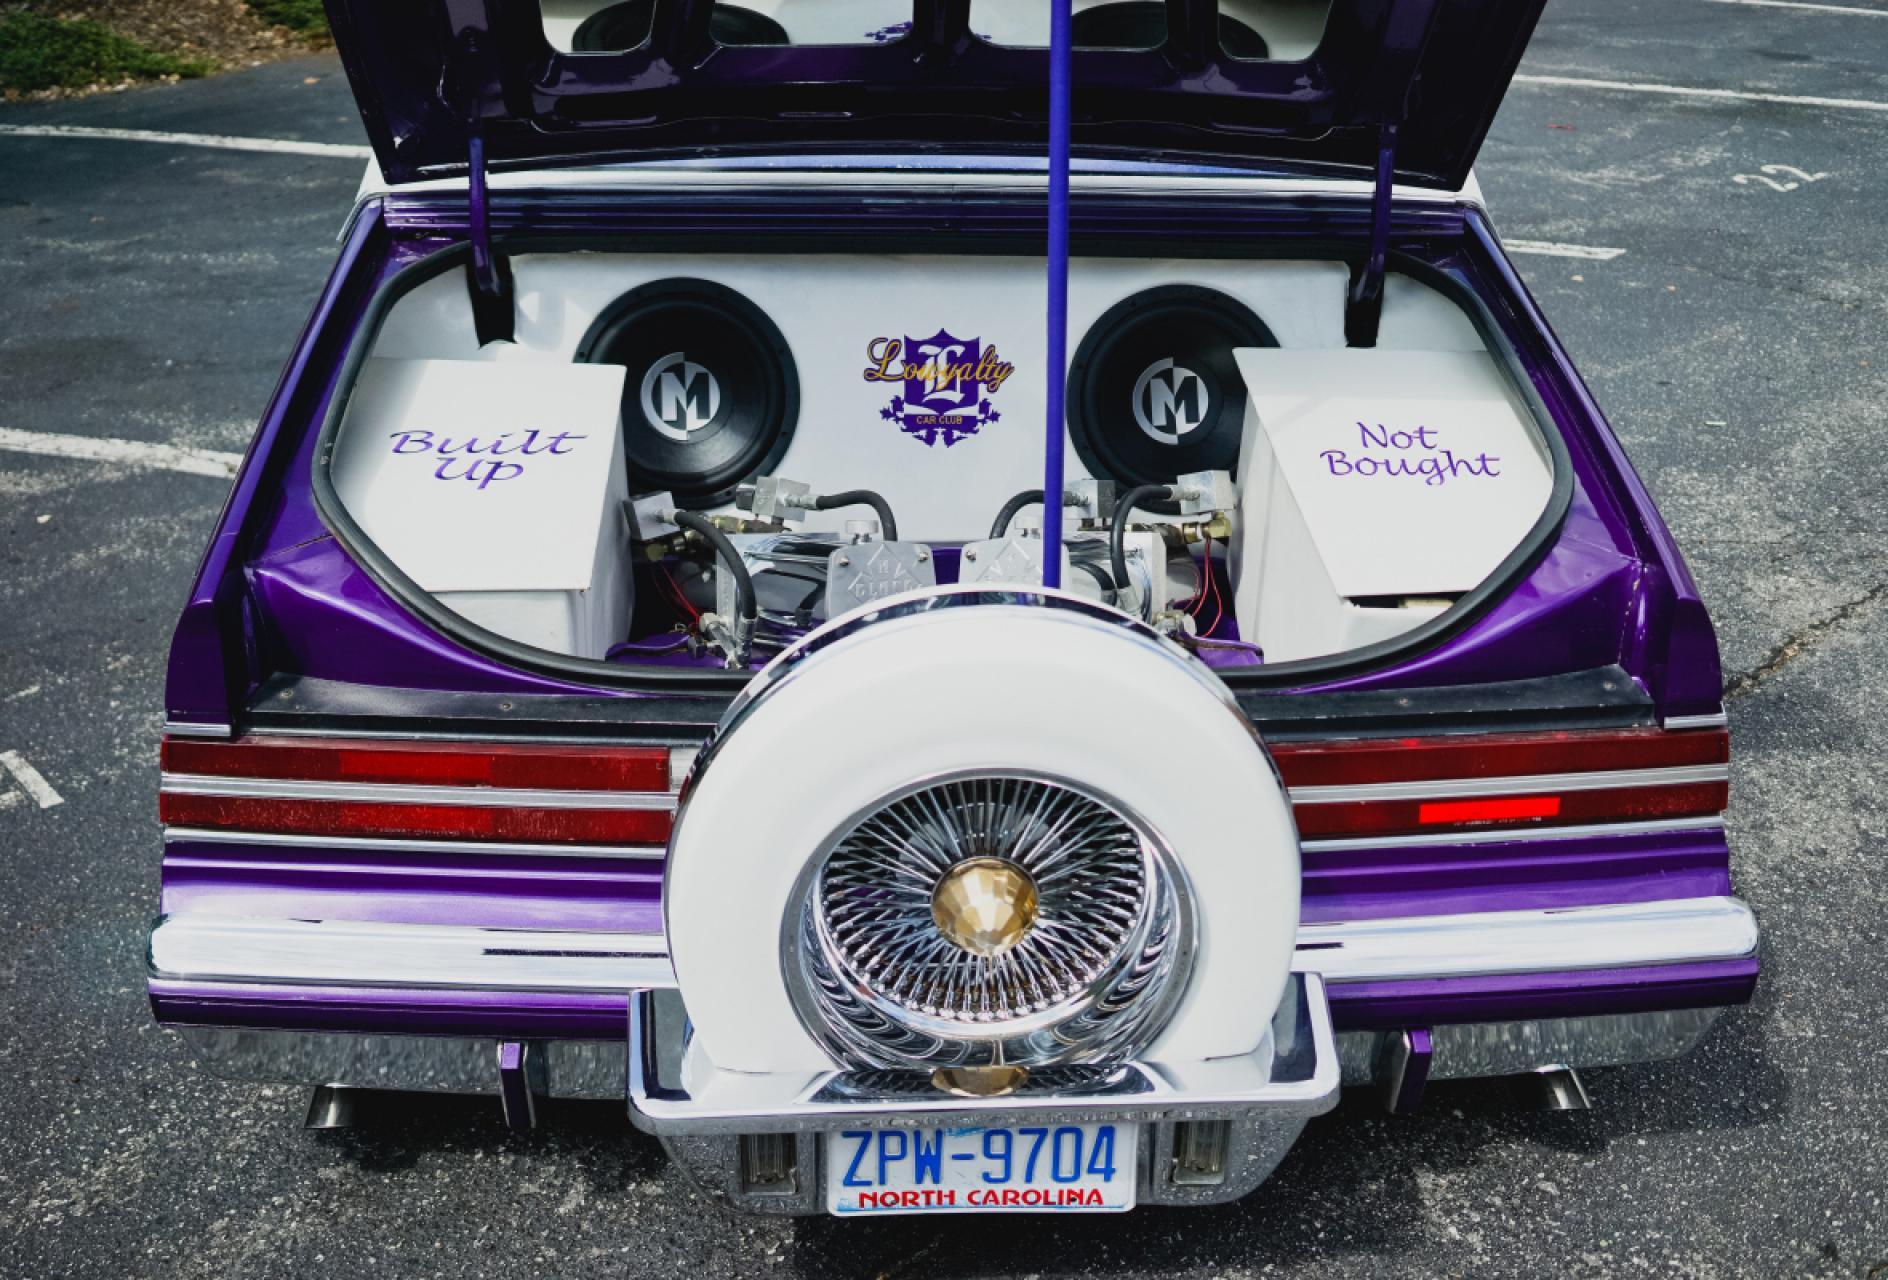 Loyalty Car Club